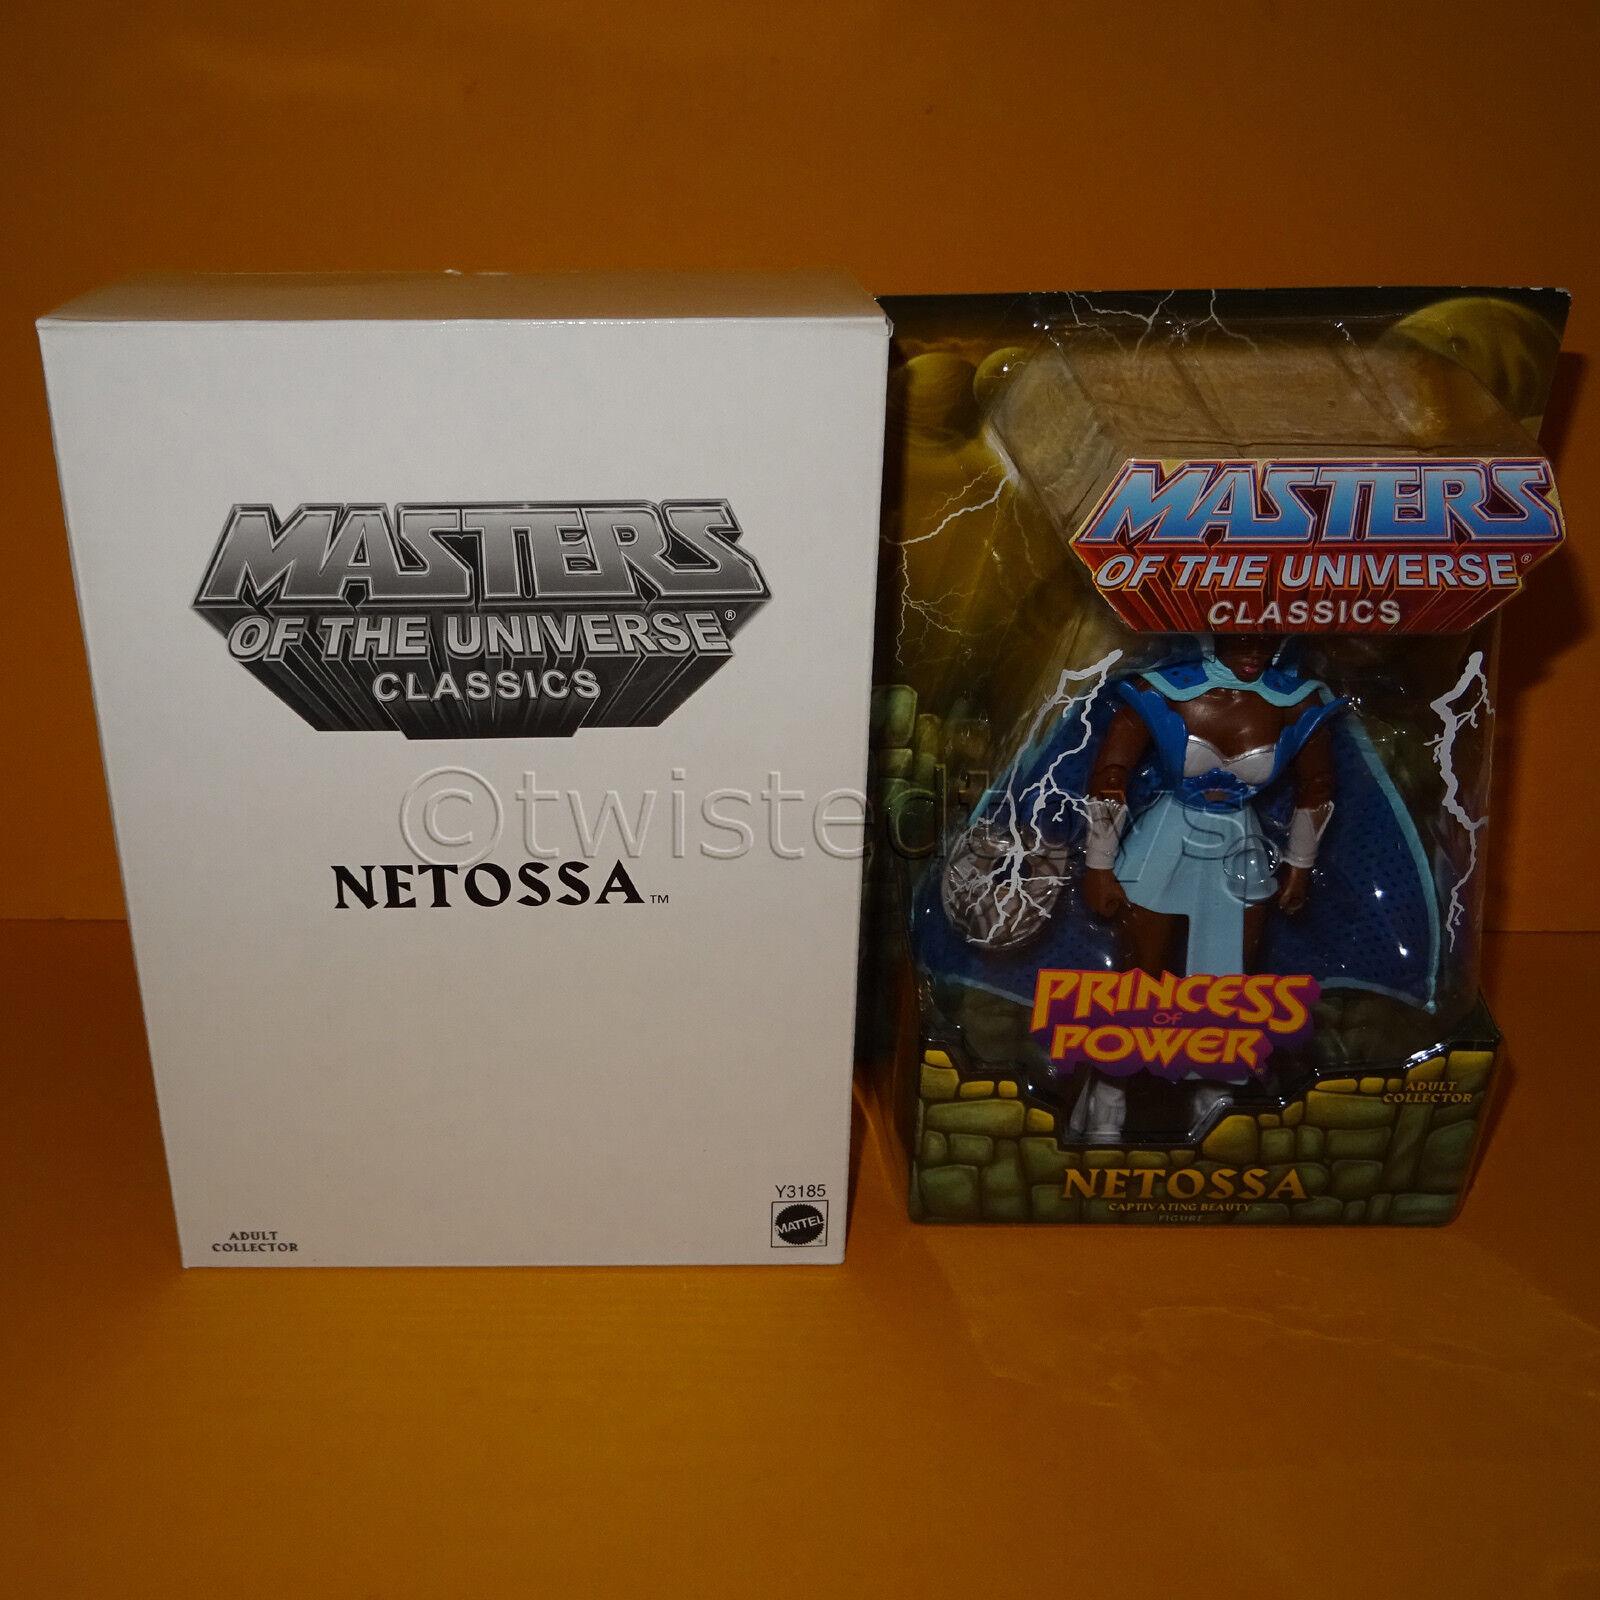 2012 Mattel MOTU HE-uomo Masters of the Universe  classeeics netossa (SHE-RA) MOC  negozio fa acquisti e vendite